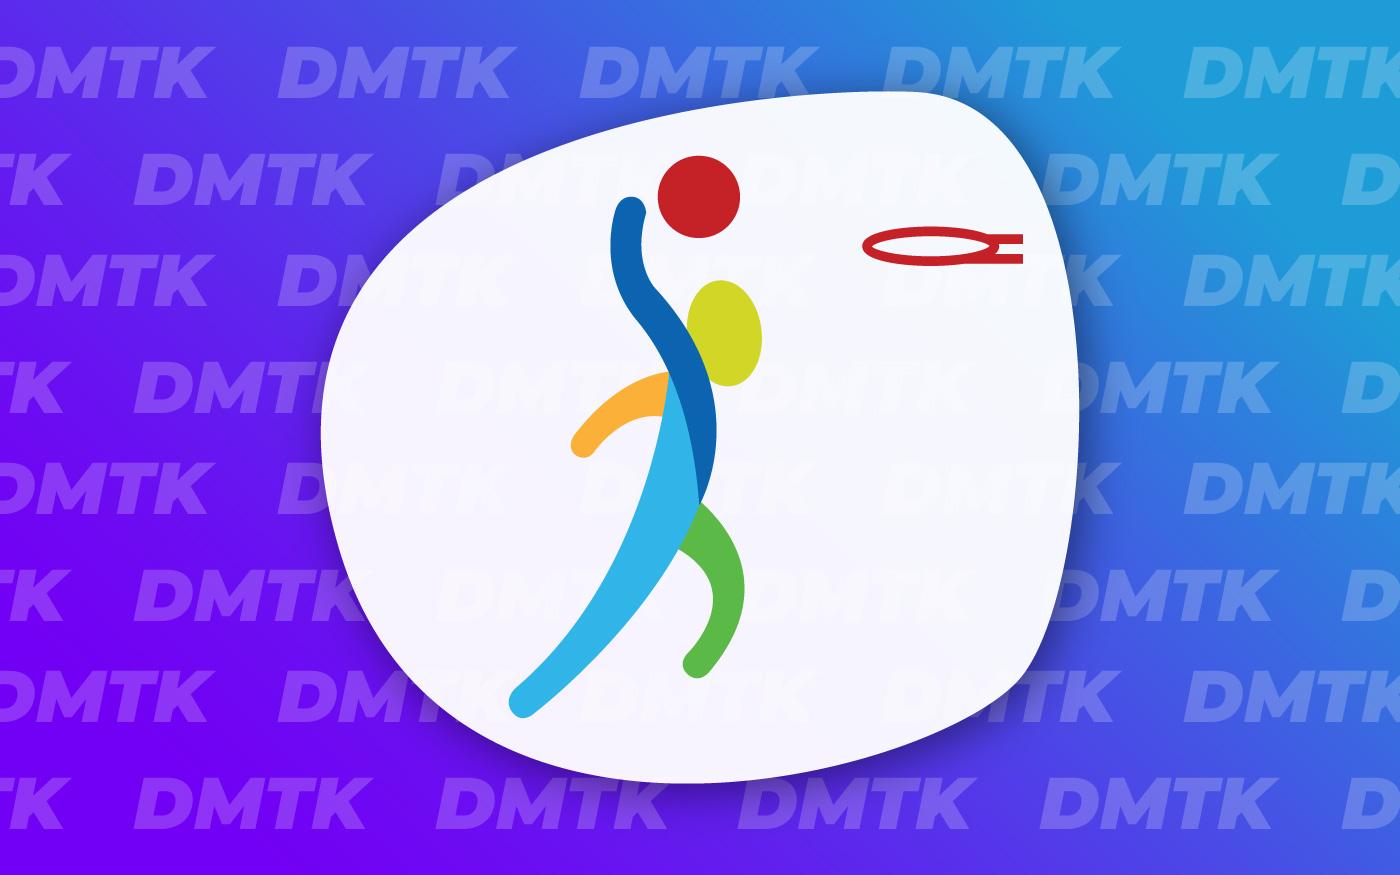 Izgalmas mérkőzést játszik ma a Dunaharaszti MTK férfi kosárlabda csapata